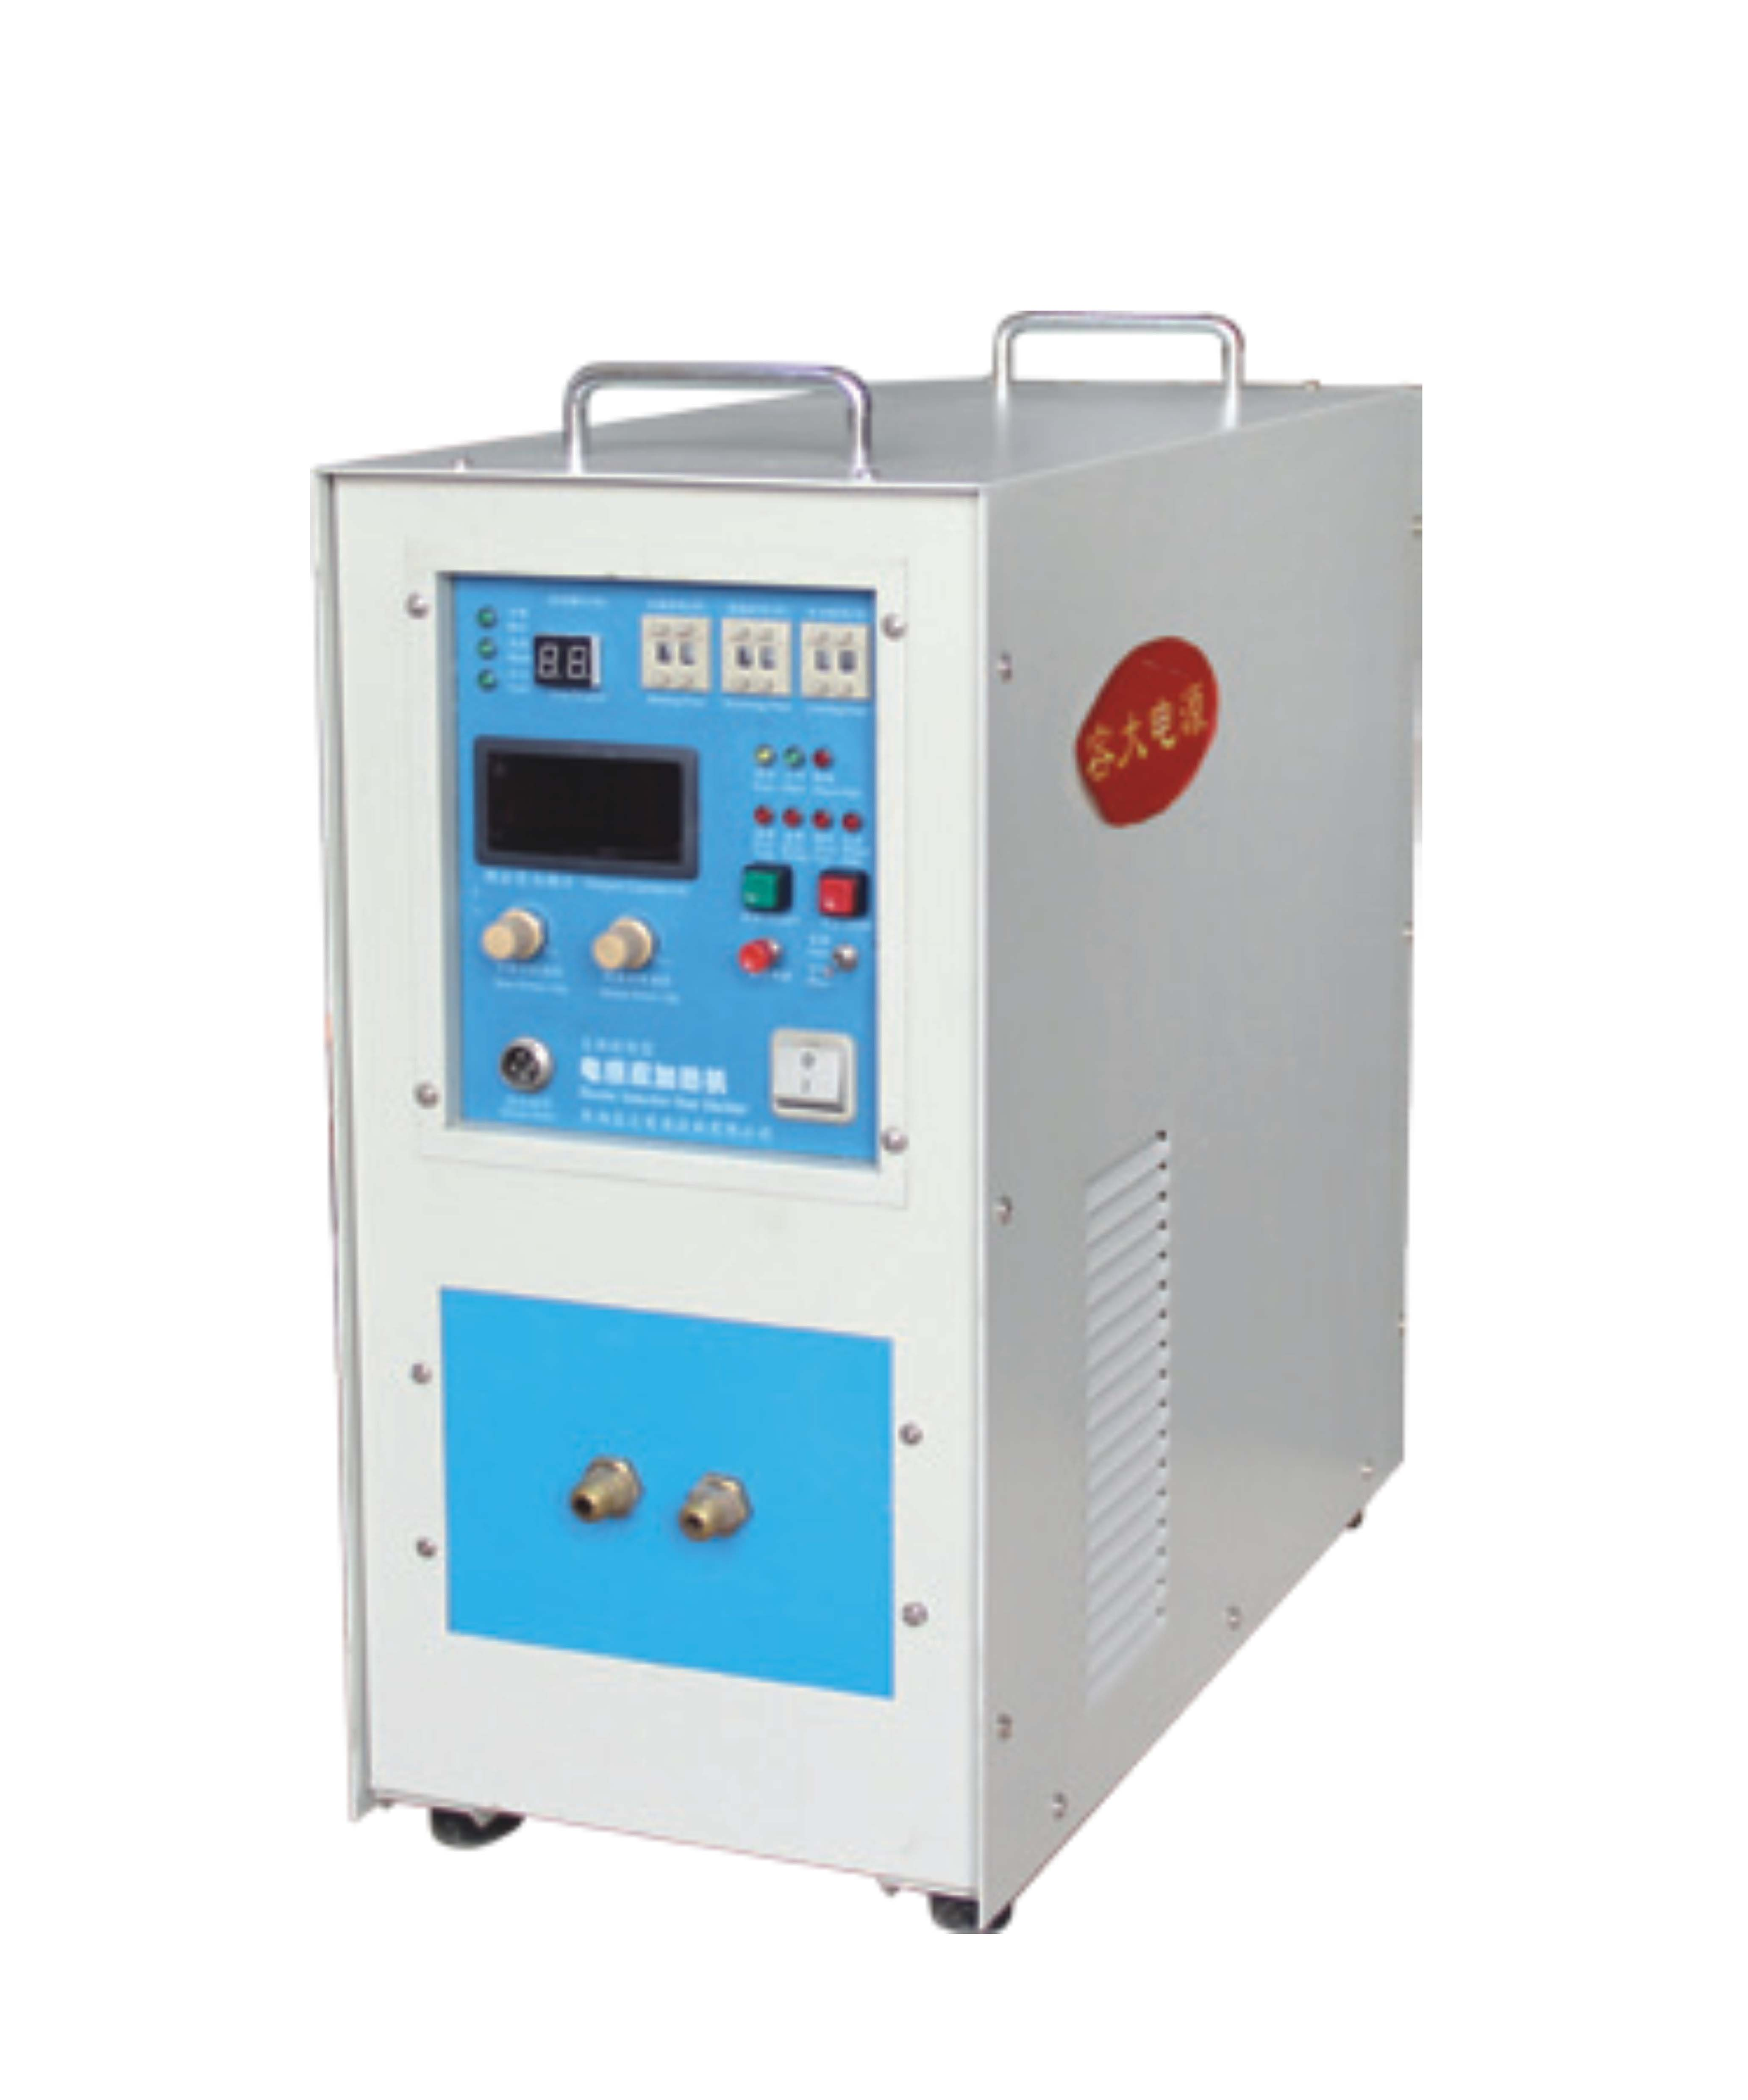 中频感应加热设备如何调试与维护?